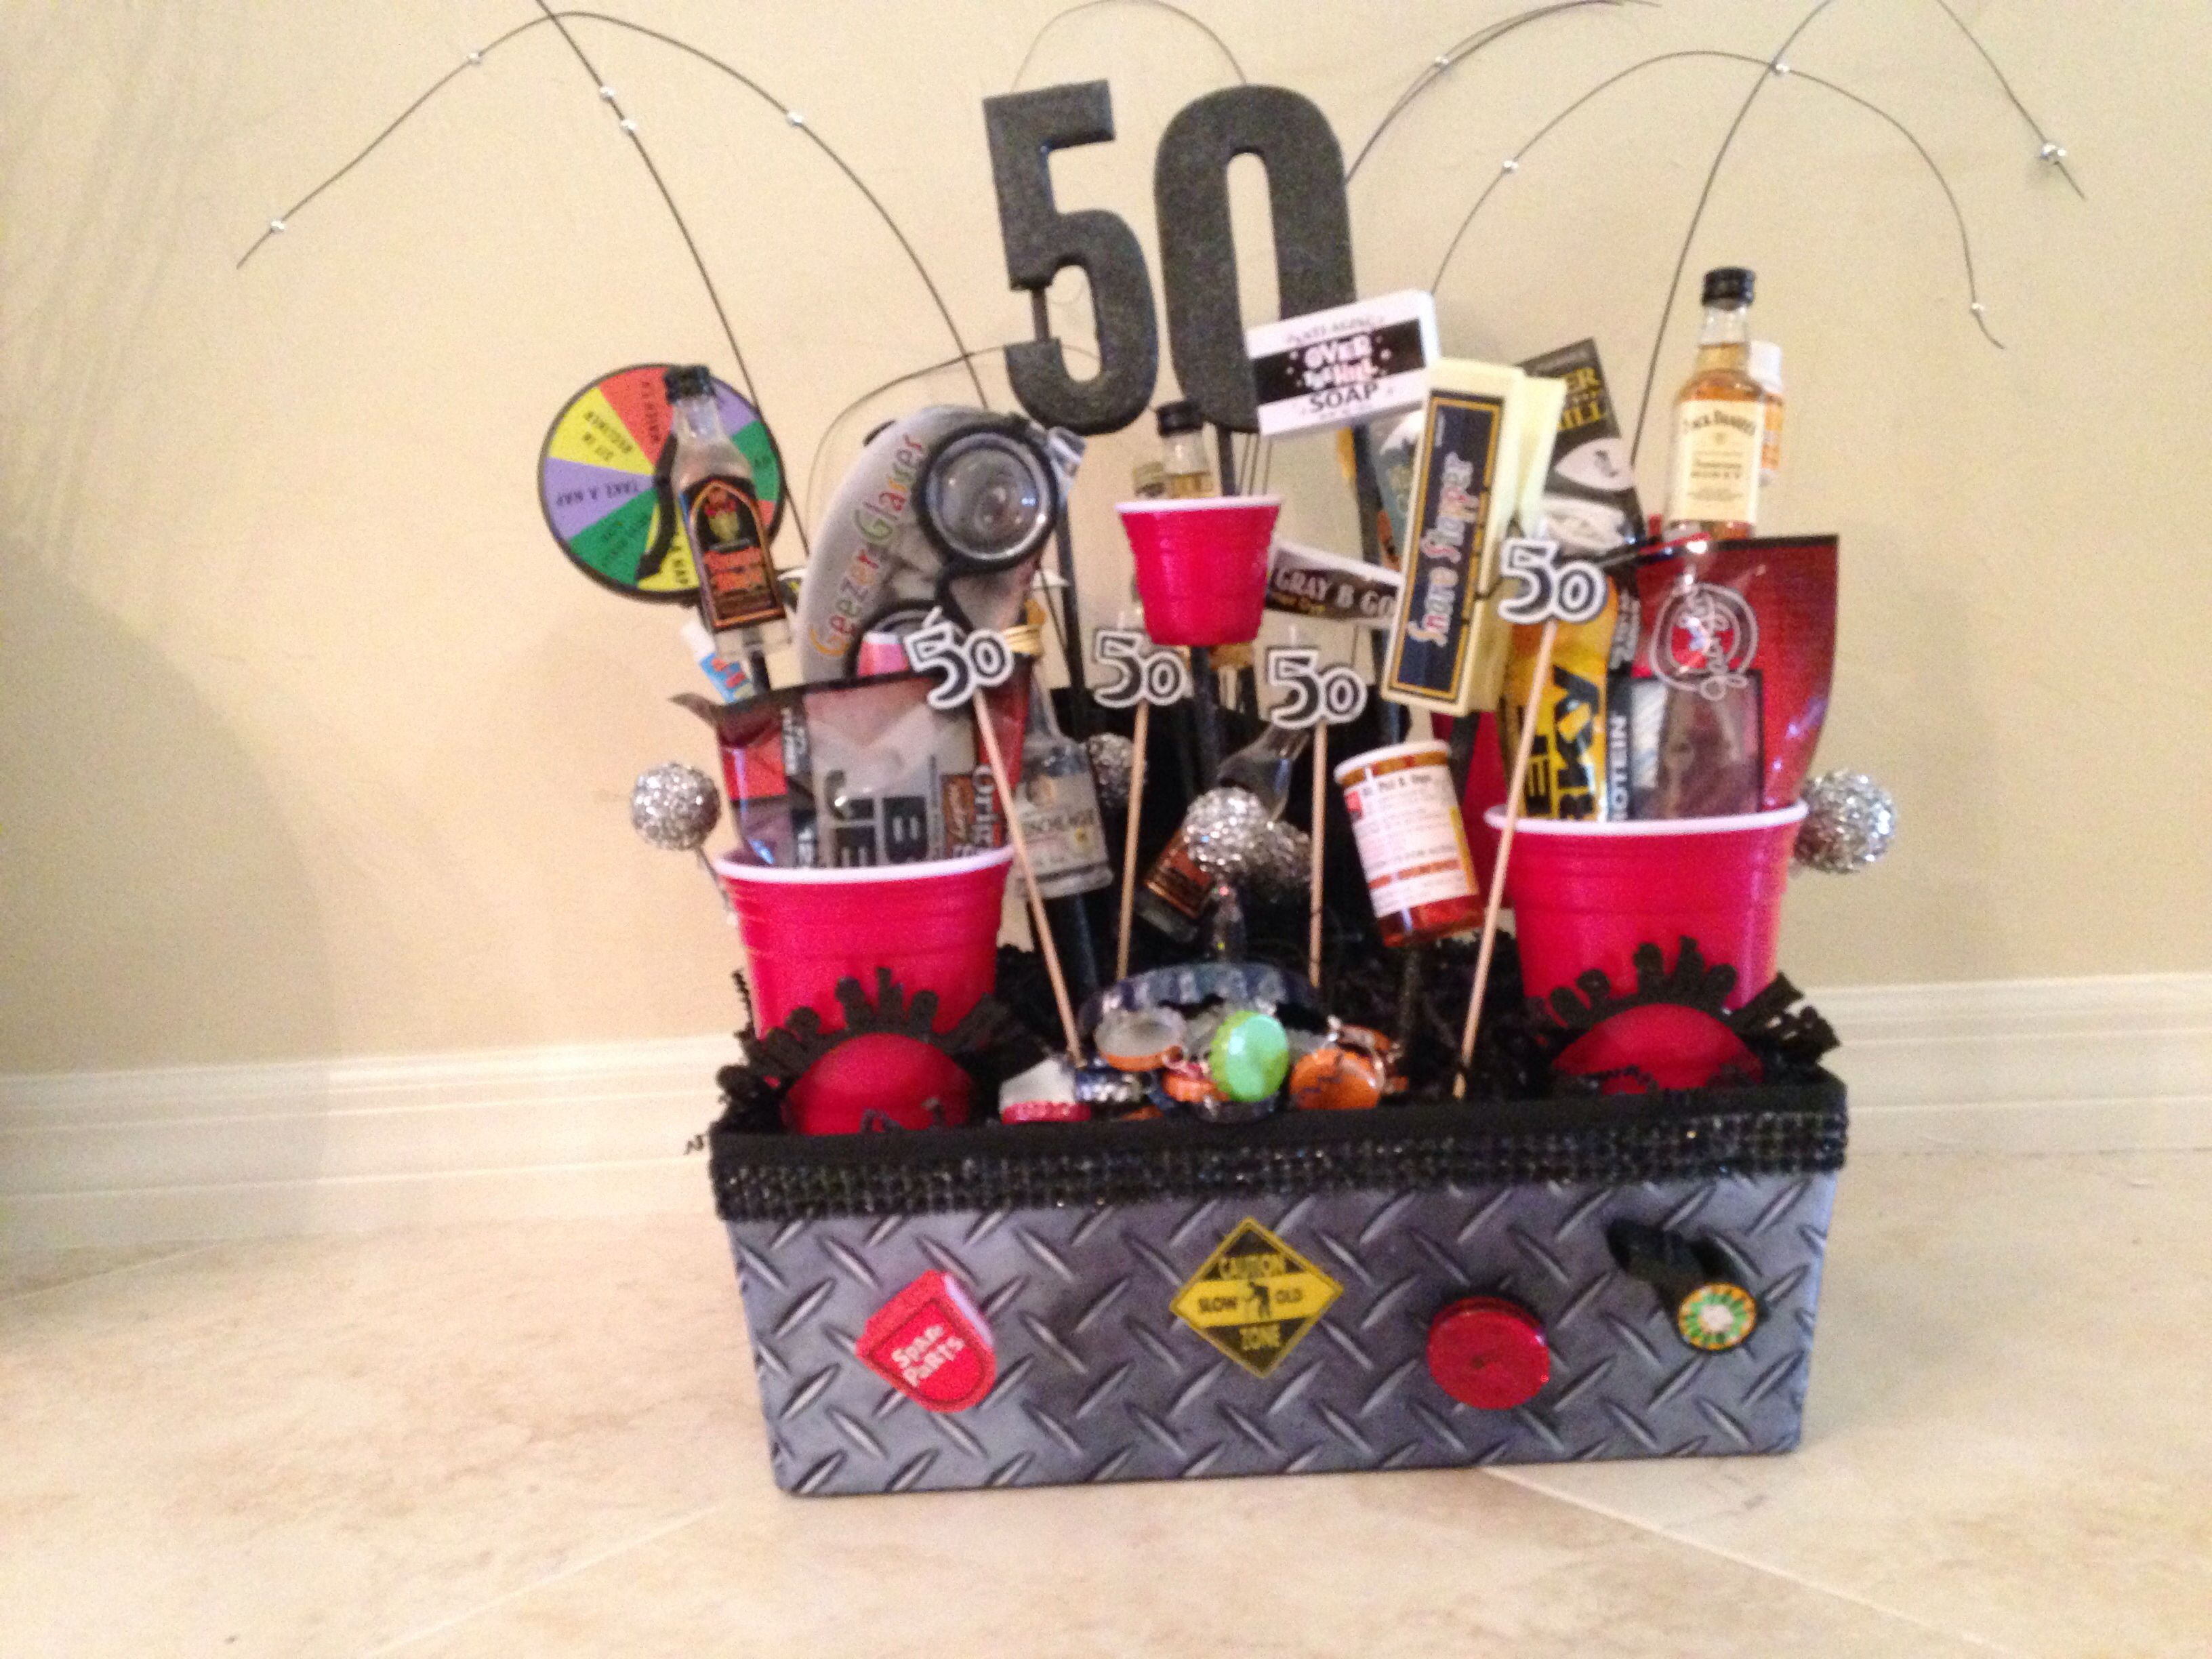 50th Birthday Basket Diy Birthday Gifts 50 Birthday Gift